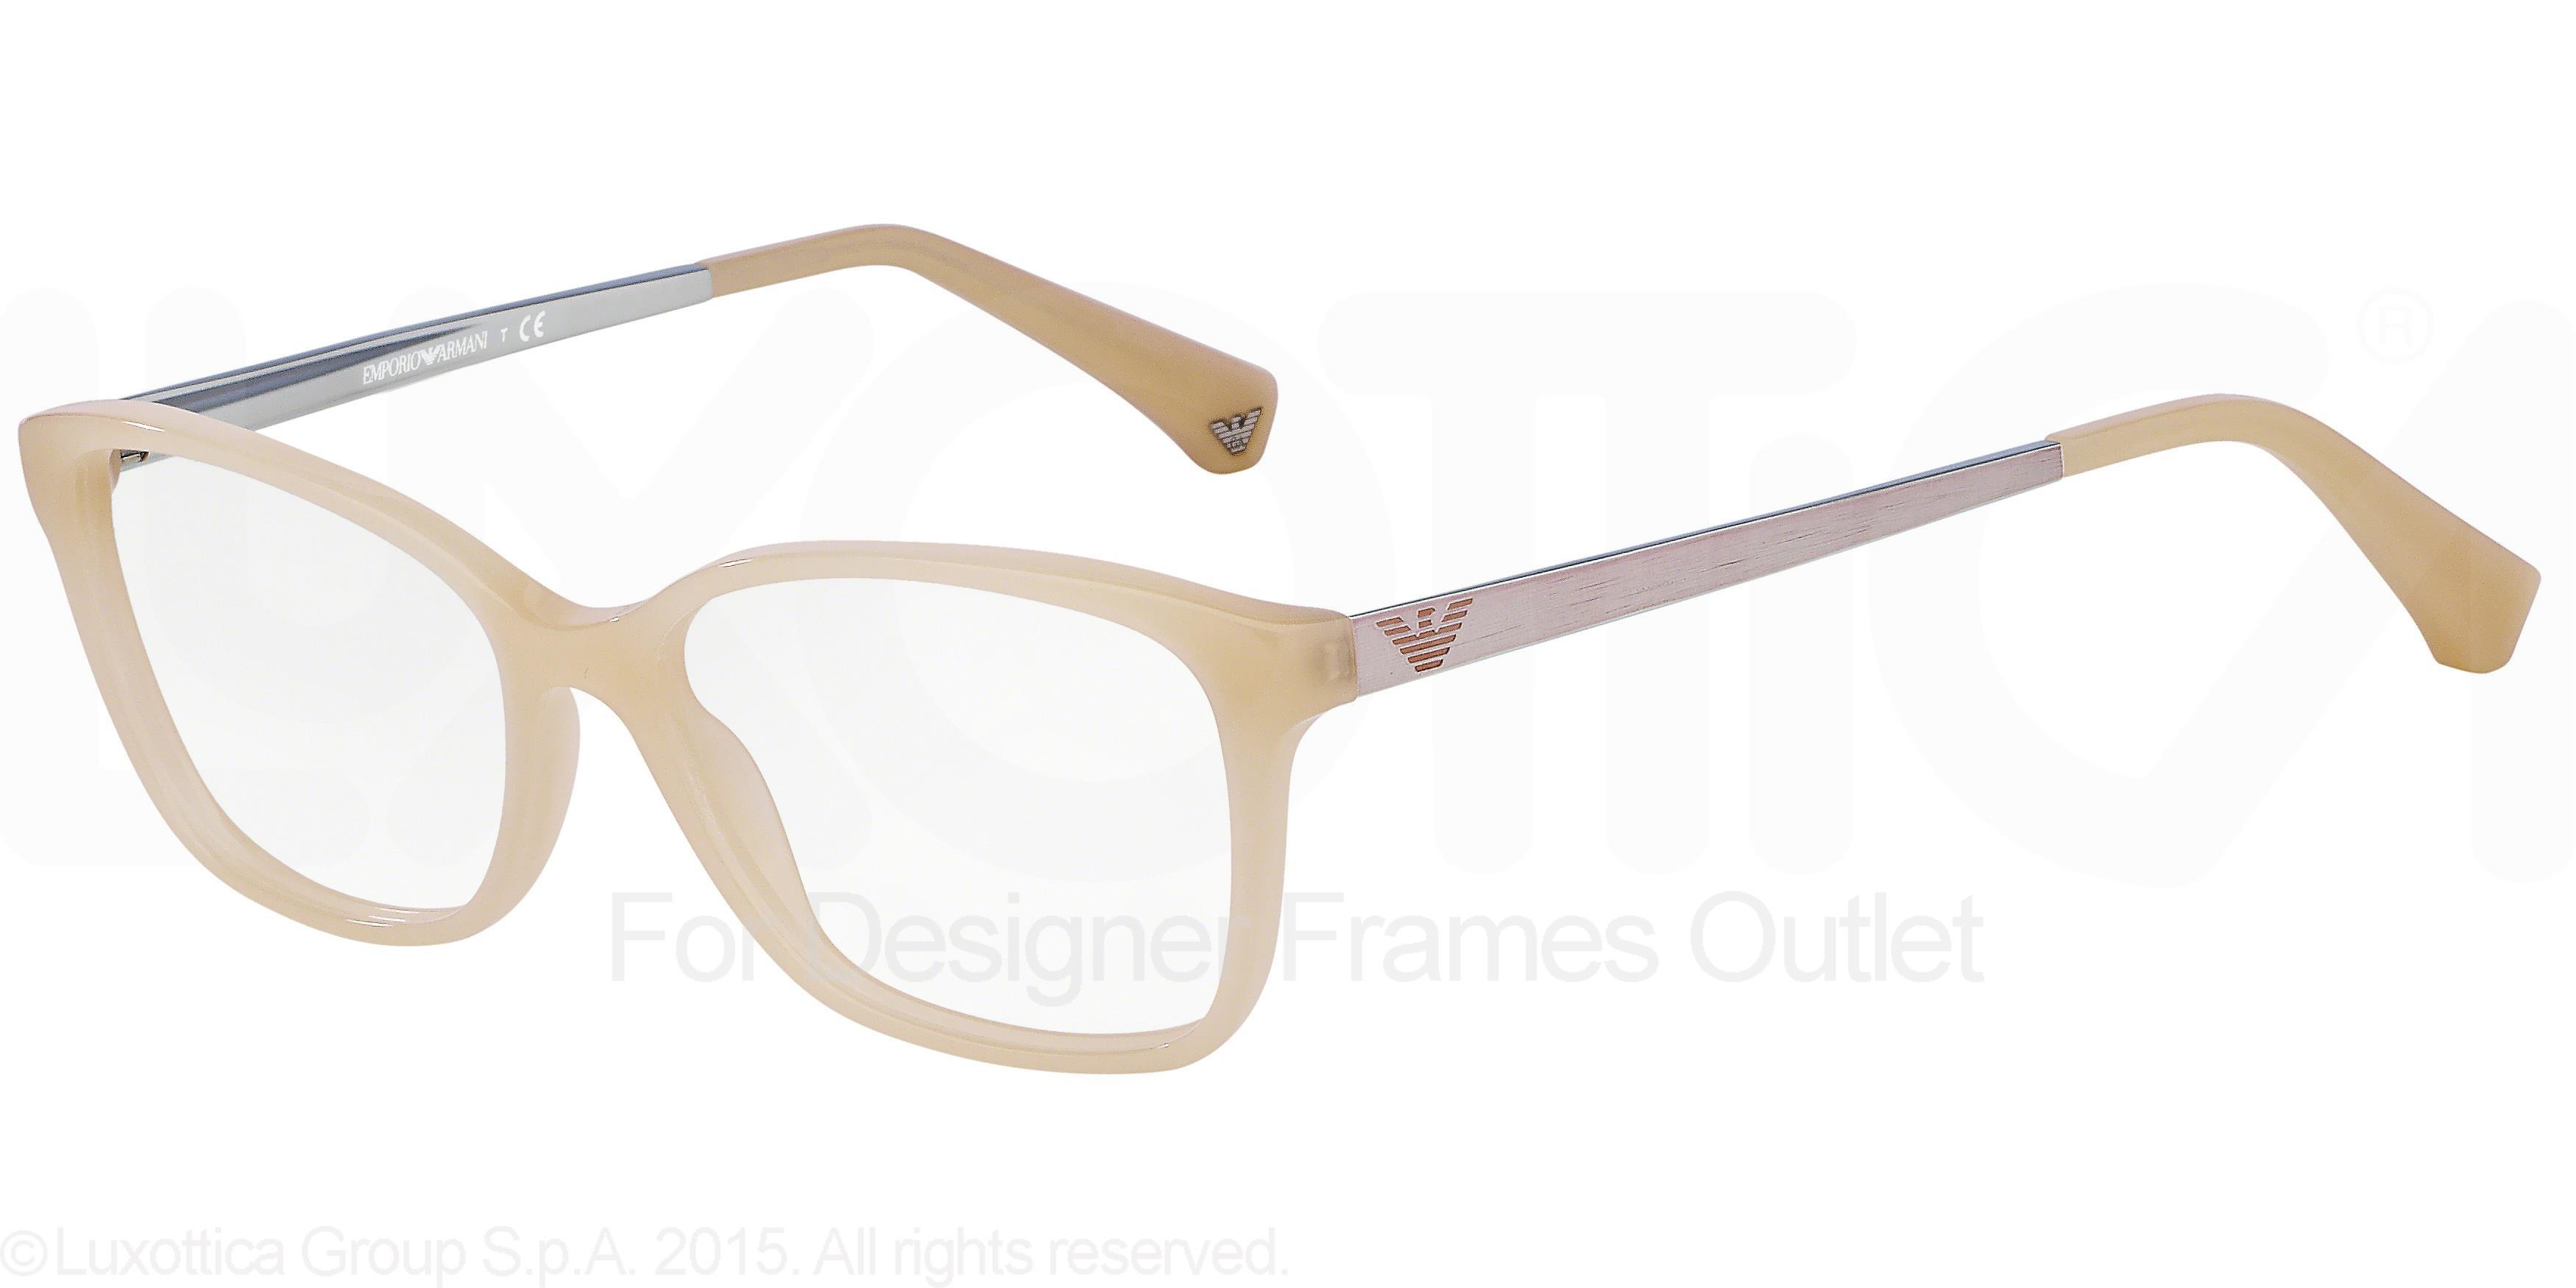 Designer Frames Outlet. Emporio Armani EA3026